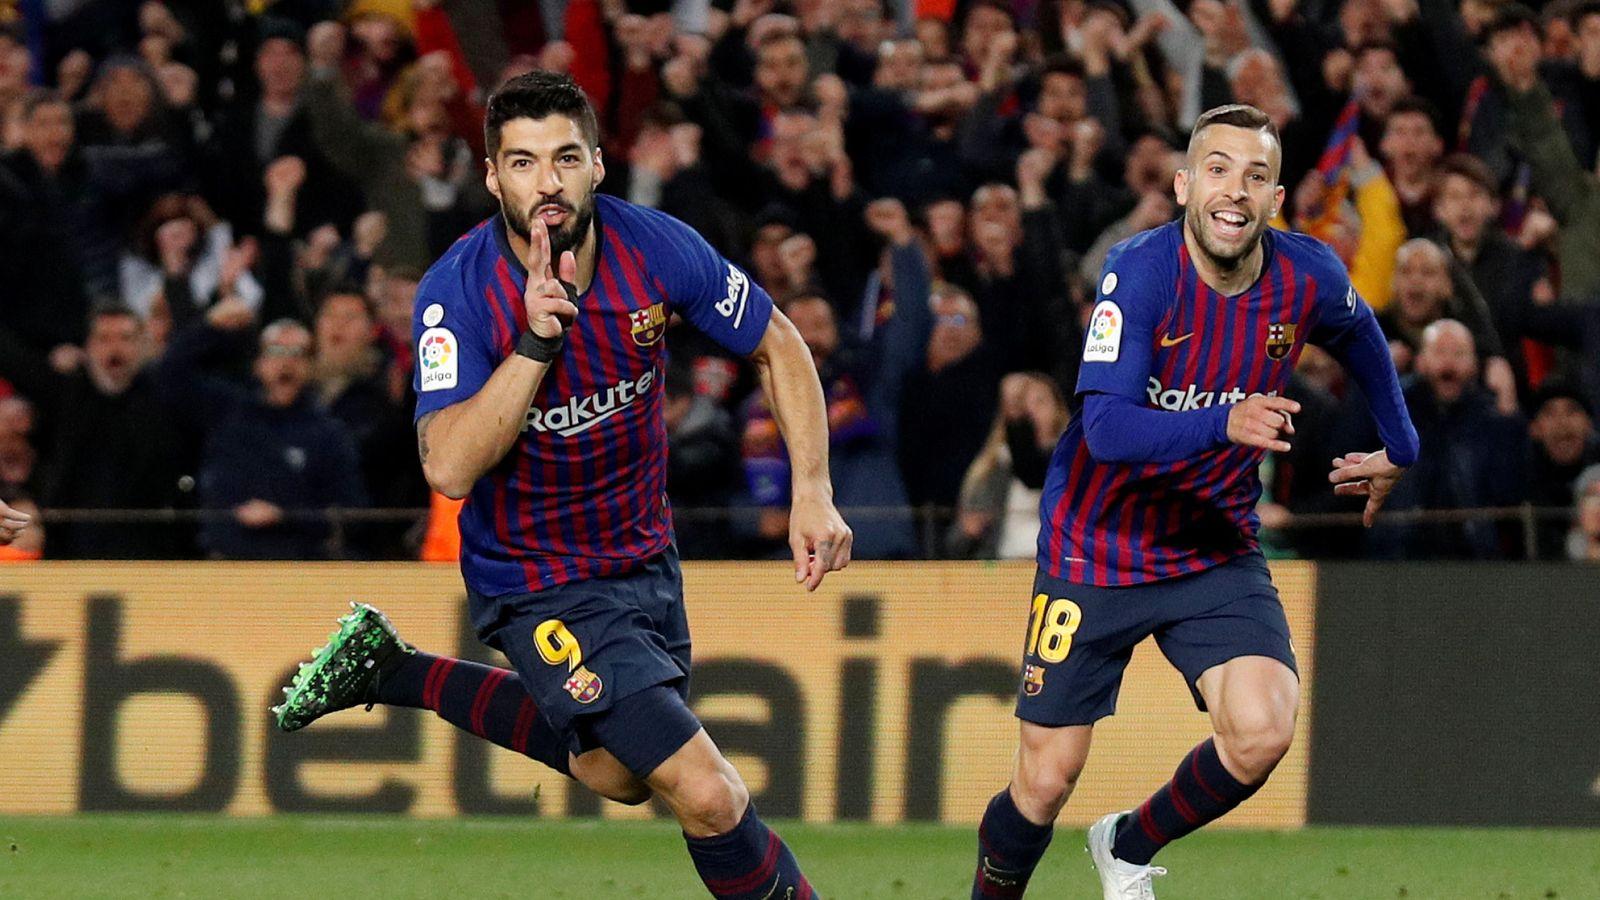 Foto: La liga santander - fc barcelona v atletico madrid